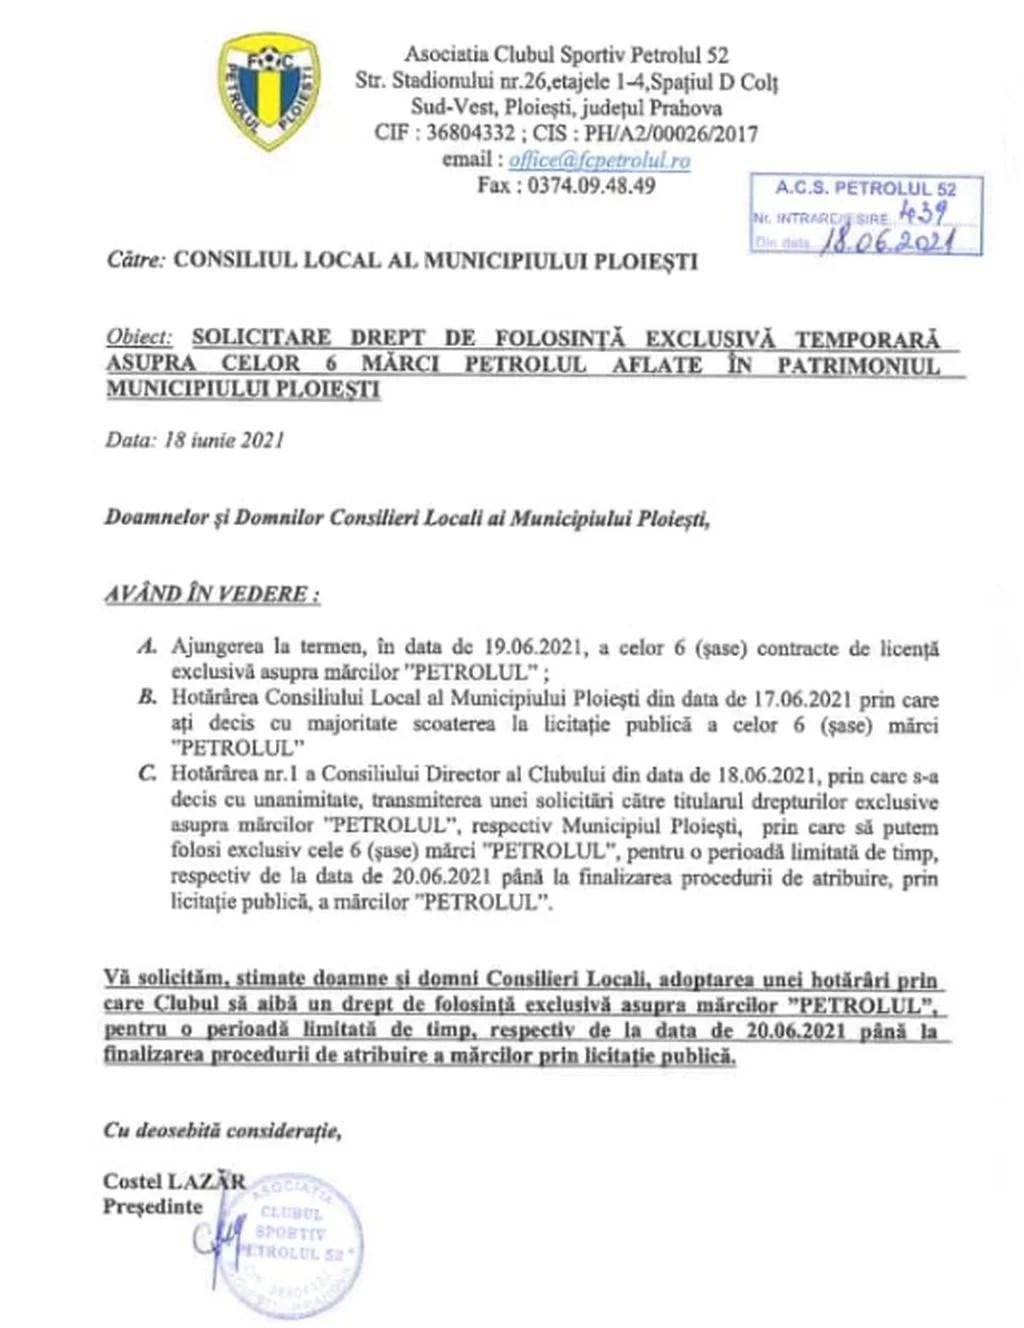 """O scrisoare a ACS Petrolul '52, rămasă fără răspuns după mai bine de o săptămână din partea Consiliului Local Ploiești, a condus la clipe jenante la o competiție națională, adjudecată de micuții """"lupi"""", în dauna omologilor campioanei de seniori! Cine își asumă această maximă rușine a întârzierii?"""